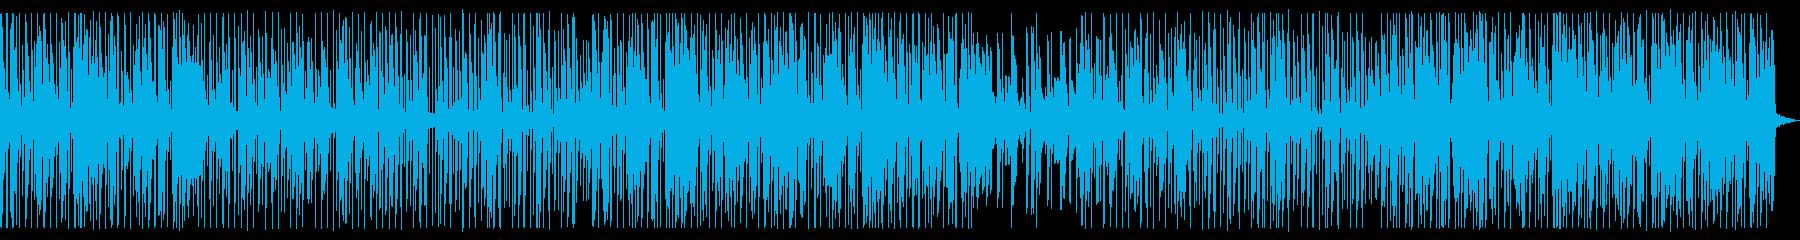 都会/ヒップホップ_No453_1の再生済みの波形